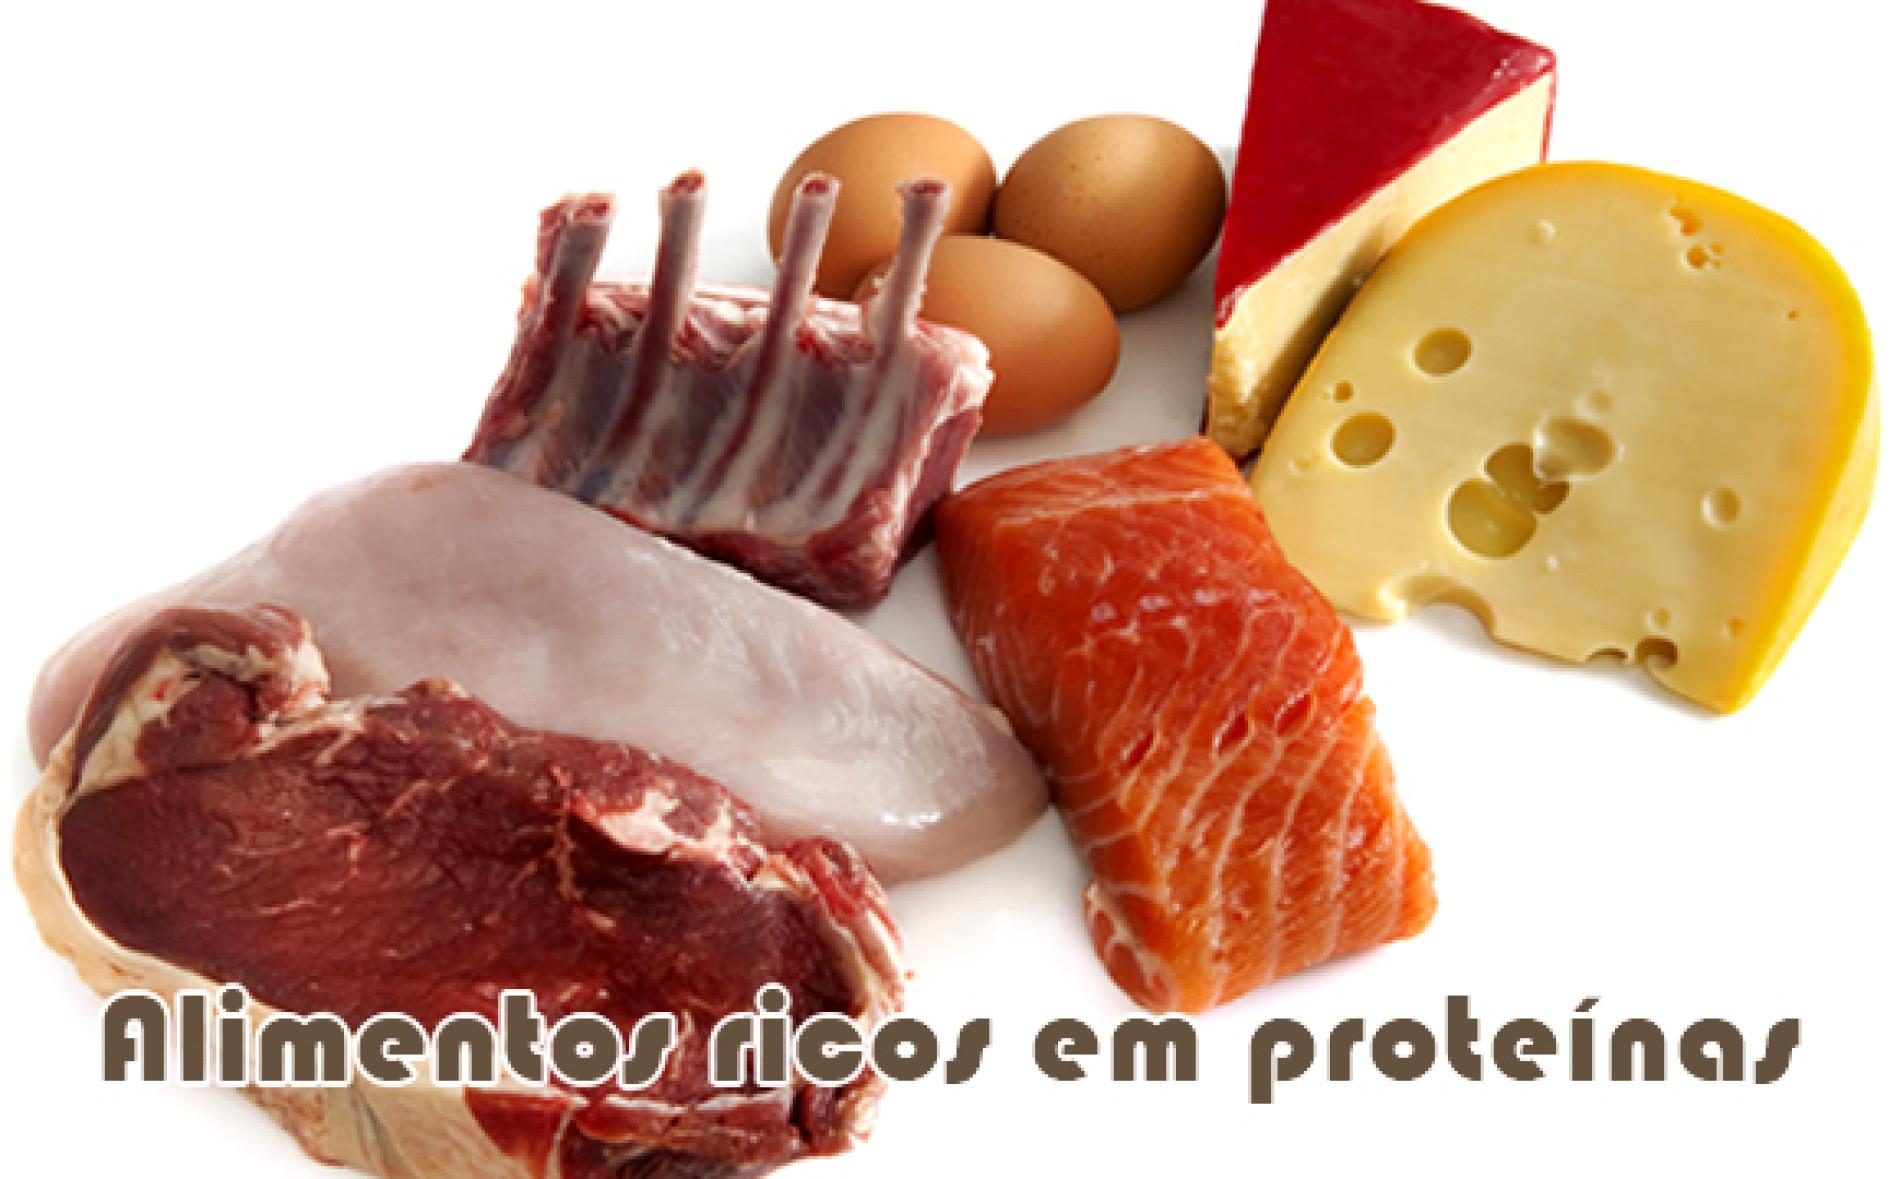 Alimentos que são ricos em proteínas